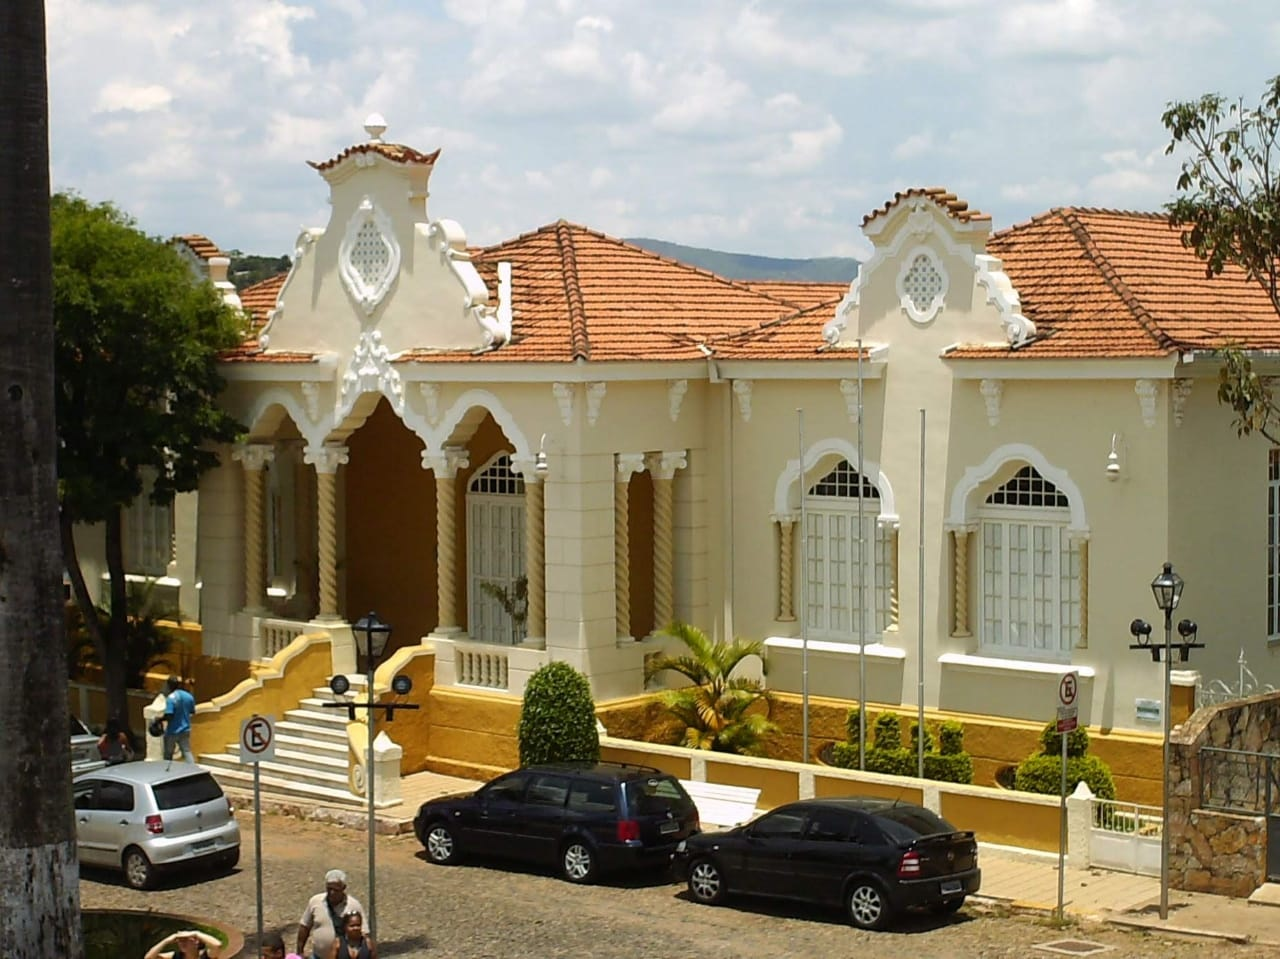 Casario centro histórico de Sabará - o que fazer